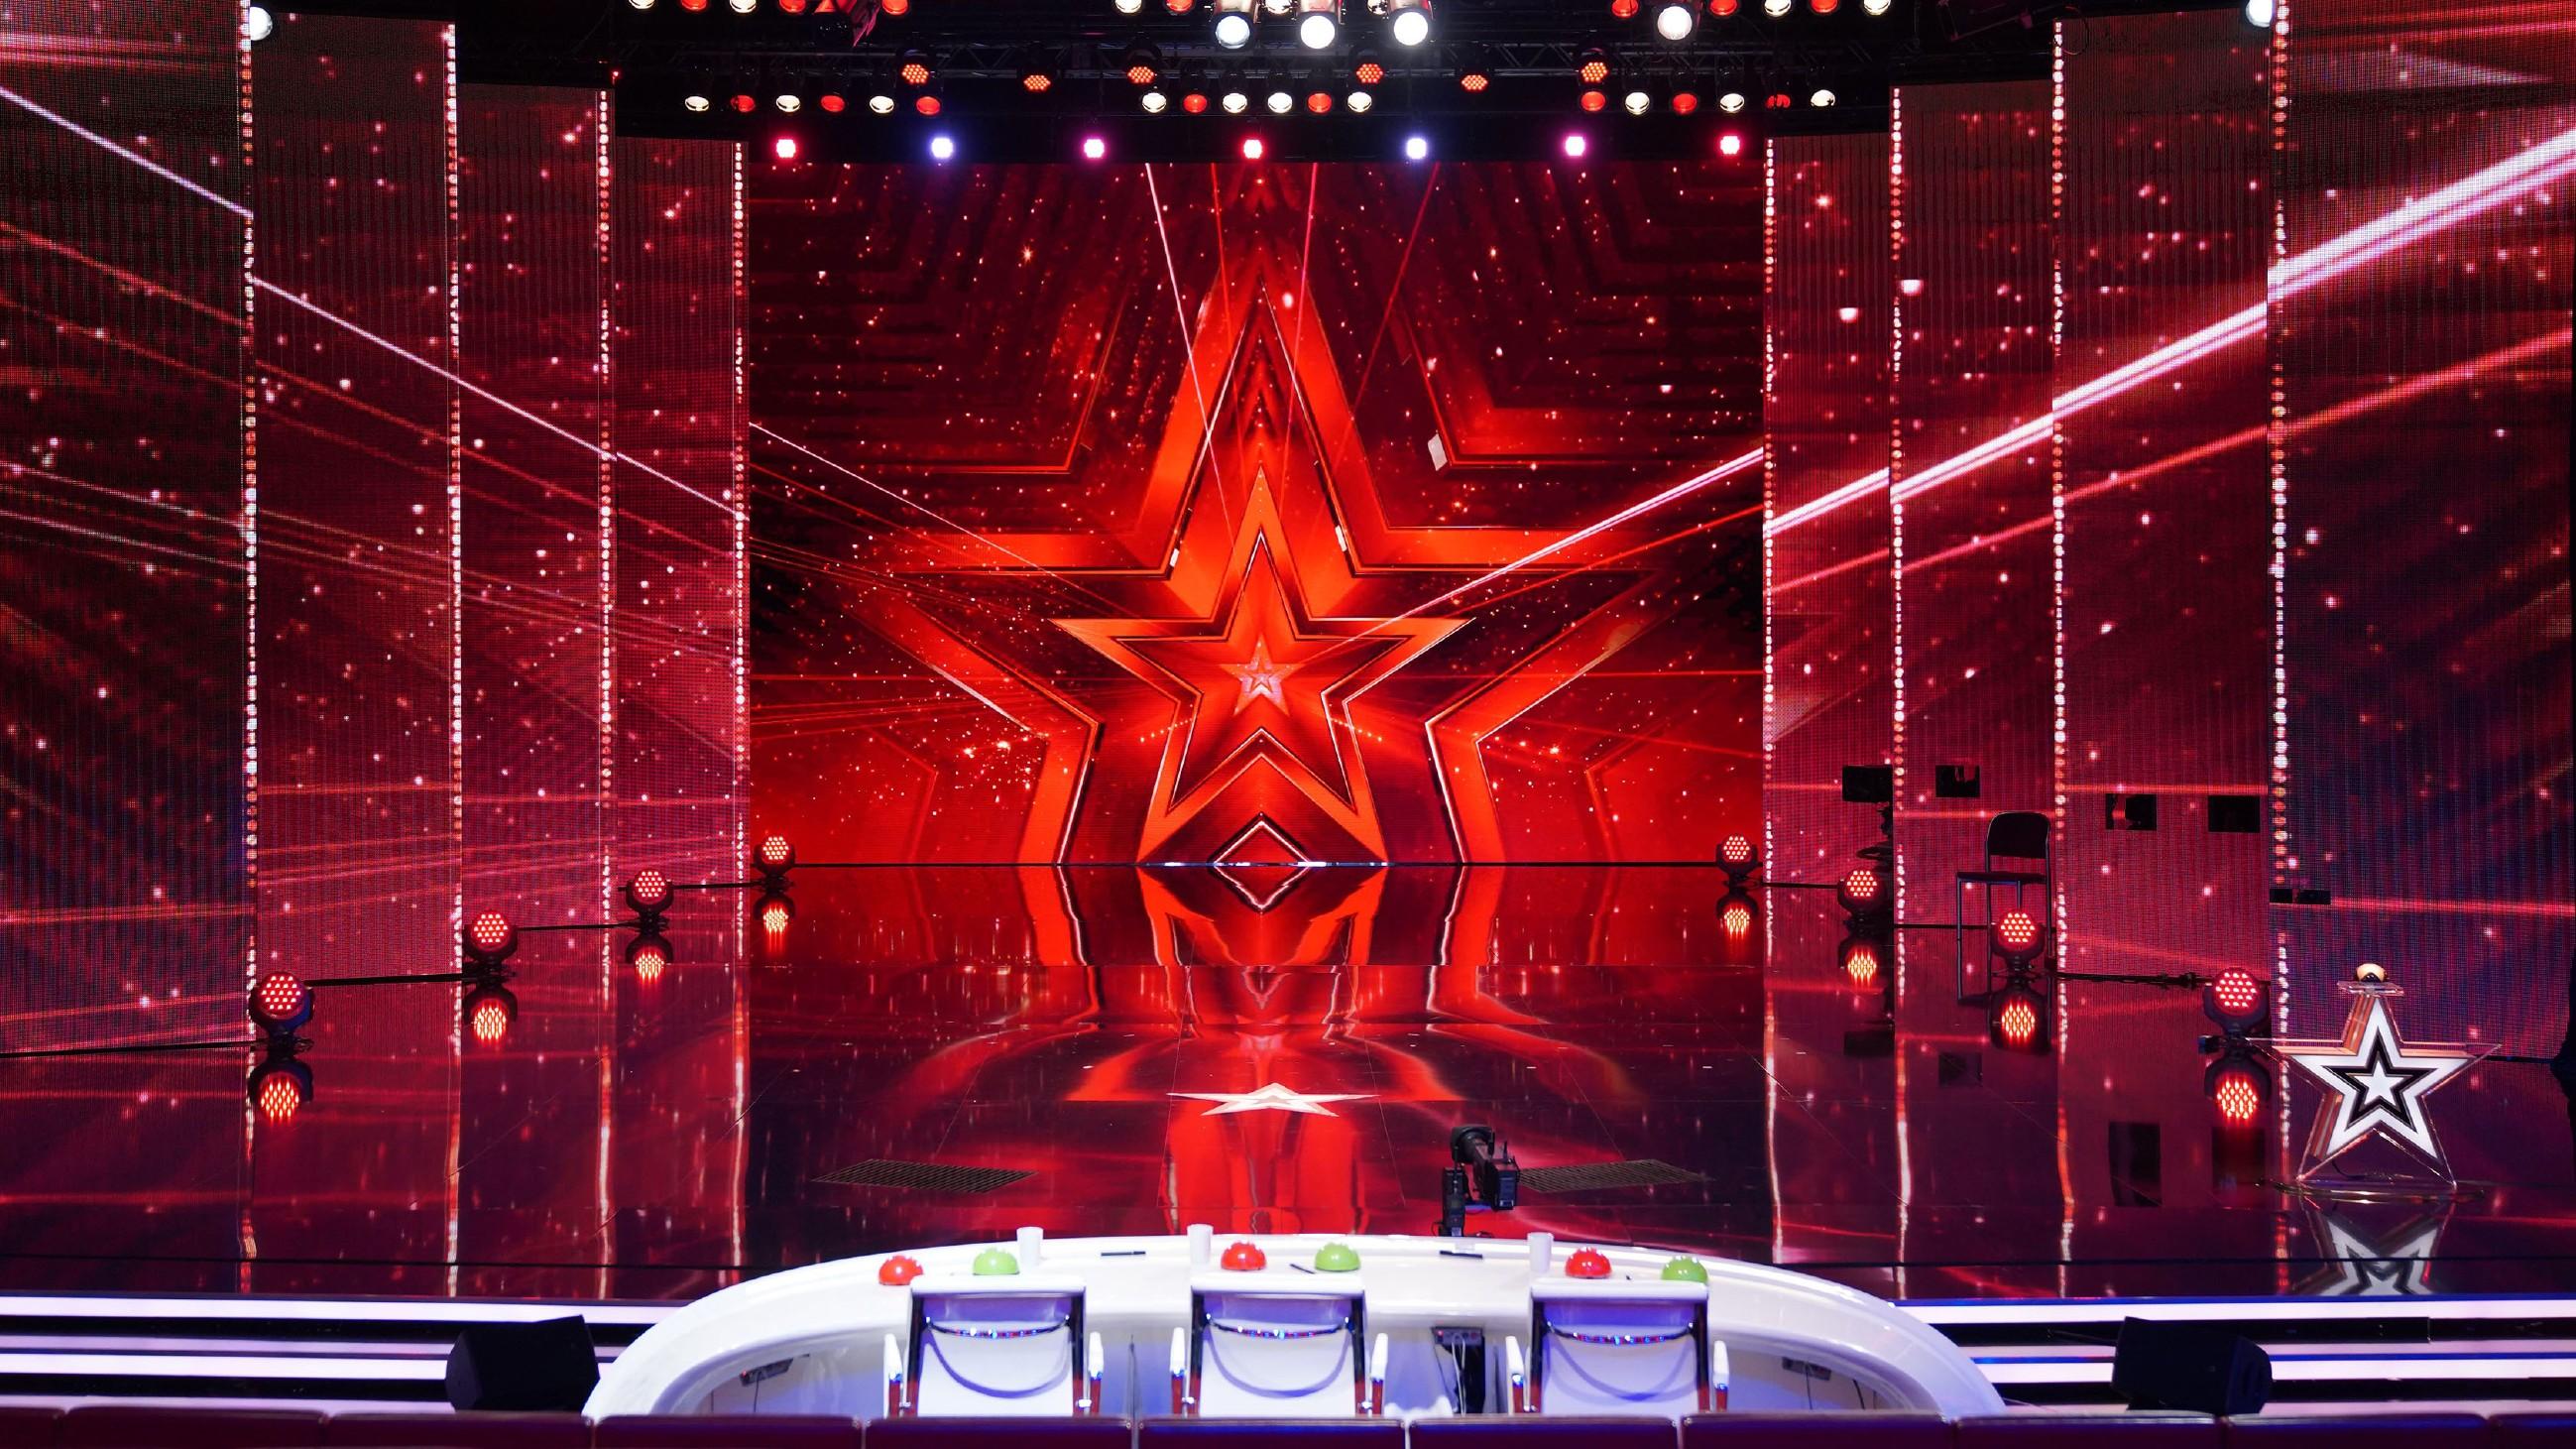 Das Supertalent Casting Ufa Talent Casting Show